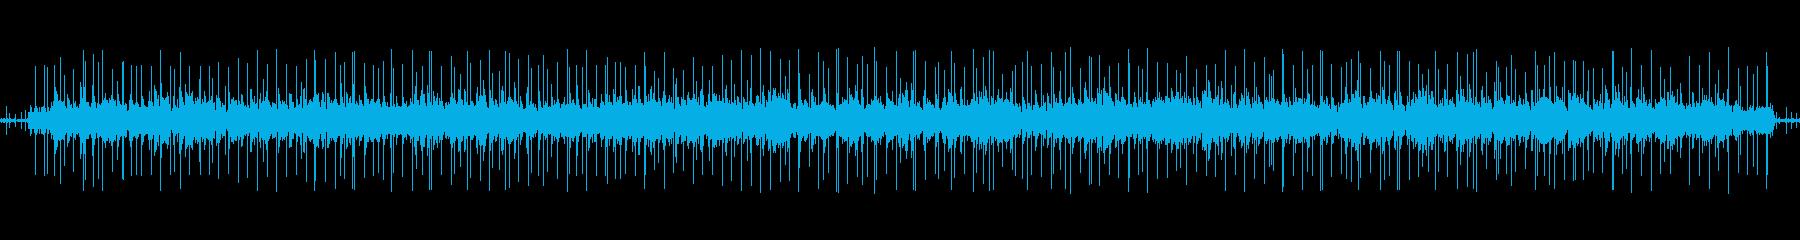 このジャズブルースのインストゥルメ...の再生済みの波形